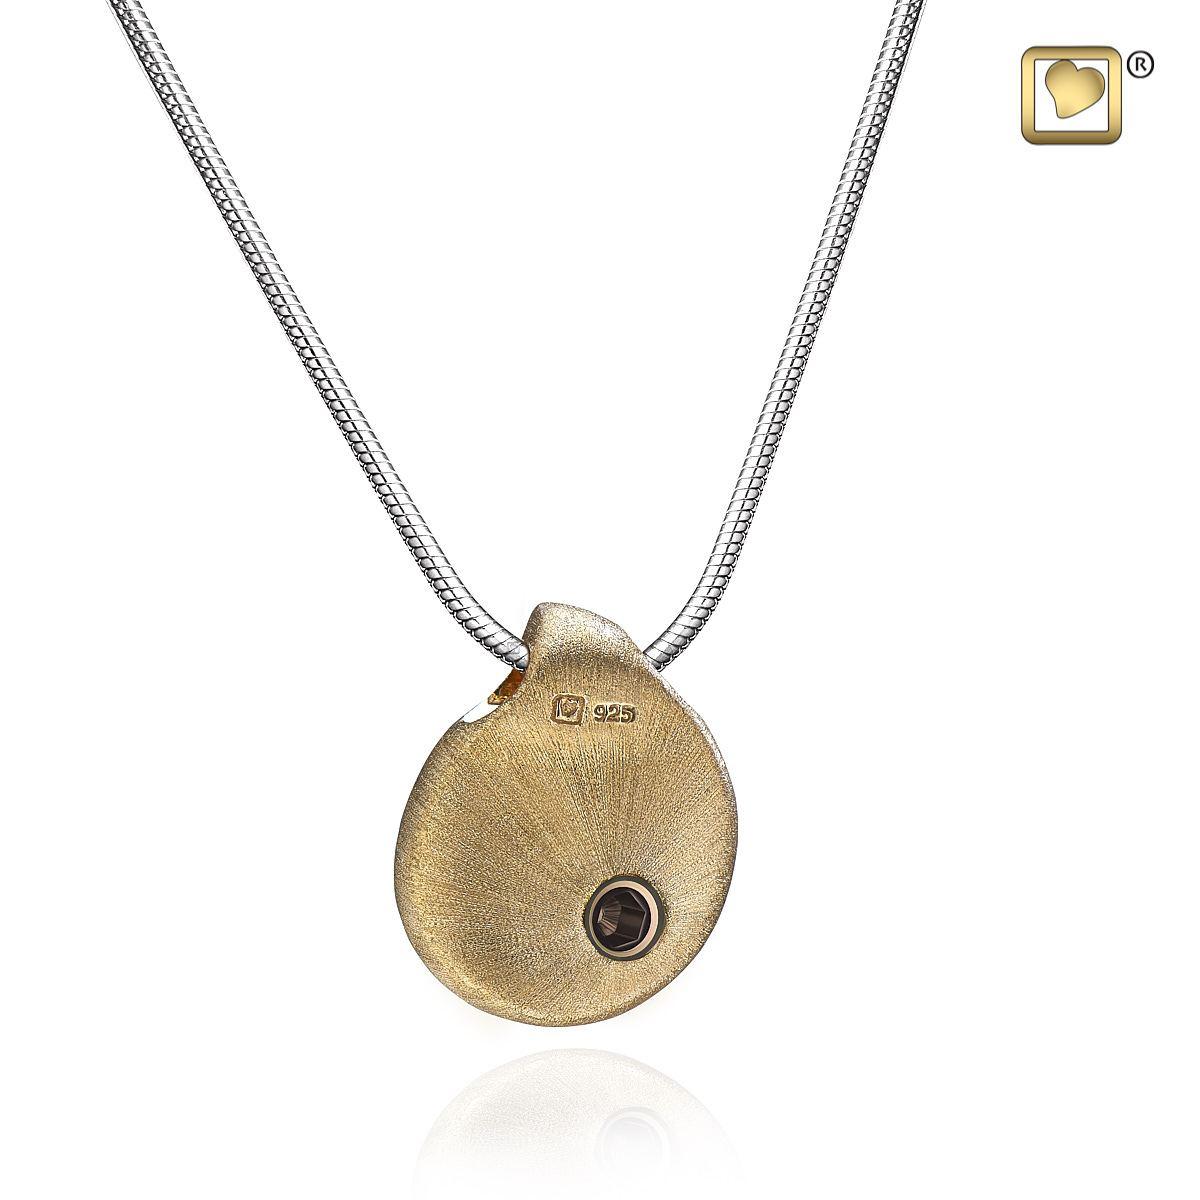 zilveren-geelgoud-verguld-druppel-traan-ashanger-collier-achterzijde_ptd-001_funeral-products_treasure_3030